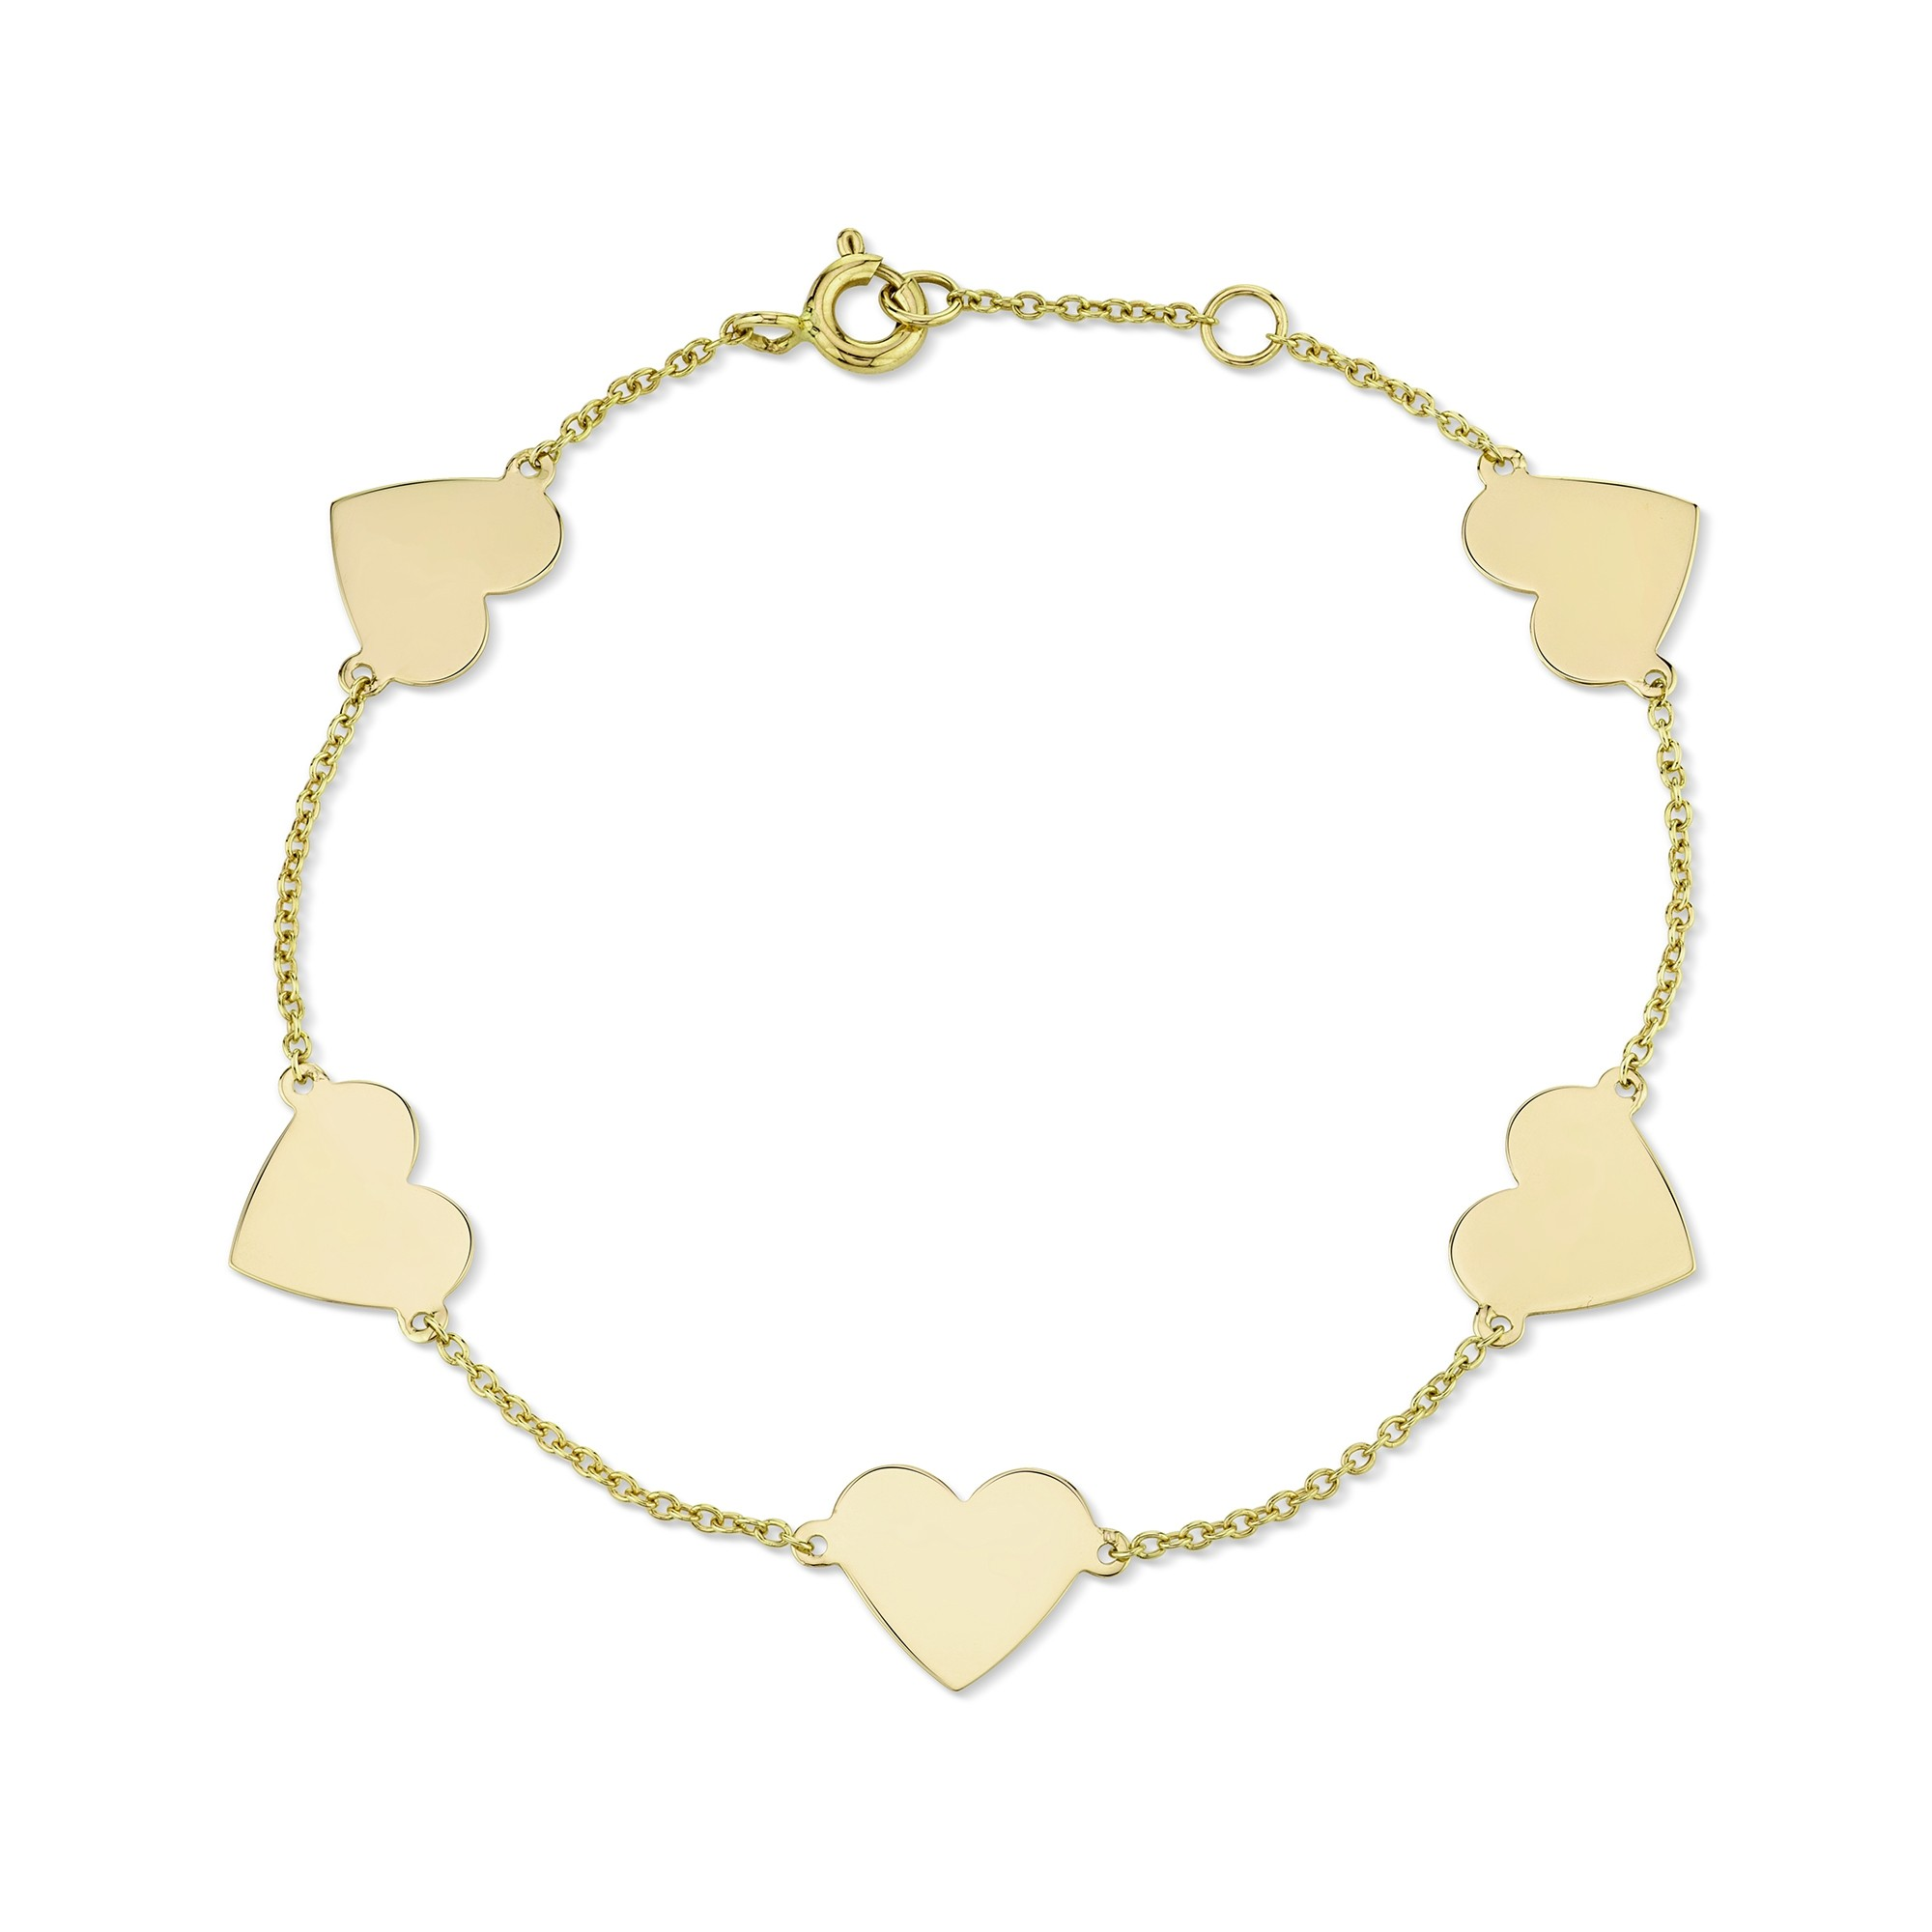 14k Yellow Gold 5 Floating Heart Bracelet